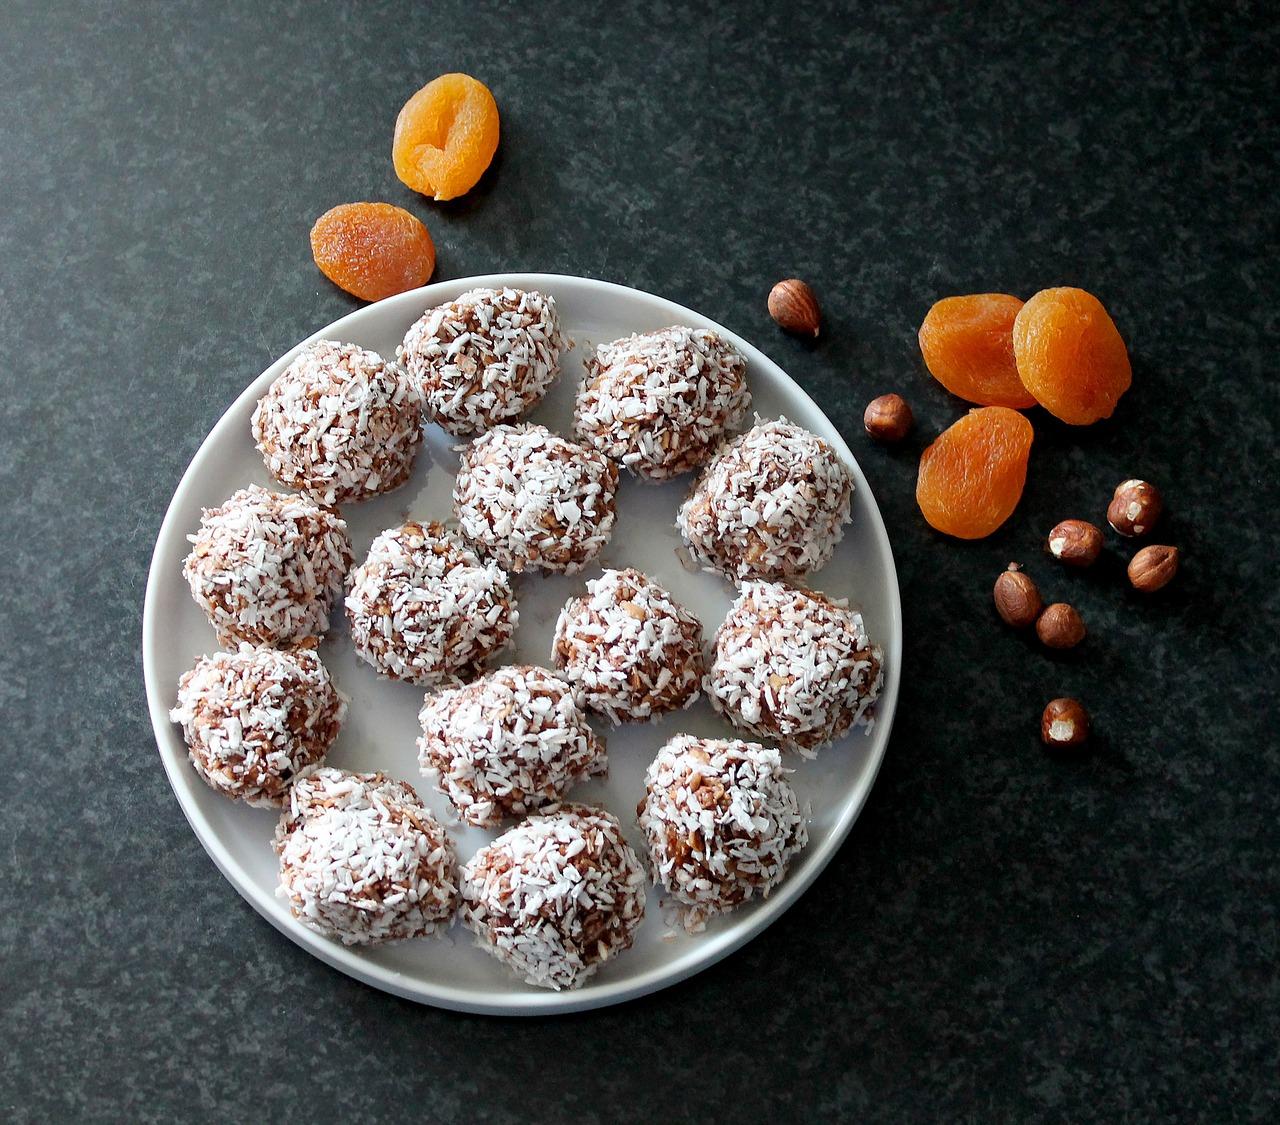 Zdrowe słodycze dla dzieci – ciastka owsiane wegańskie bezglutenowe